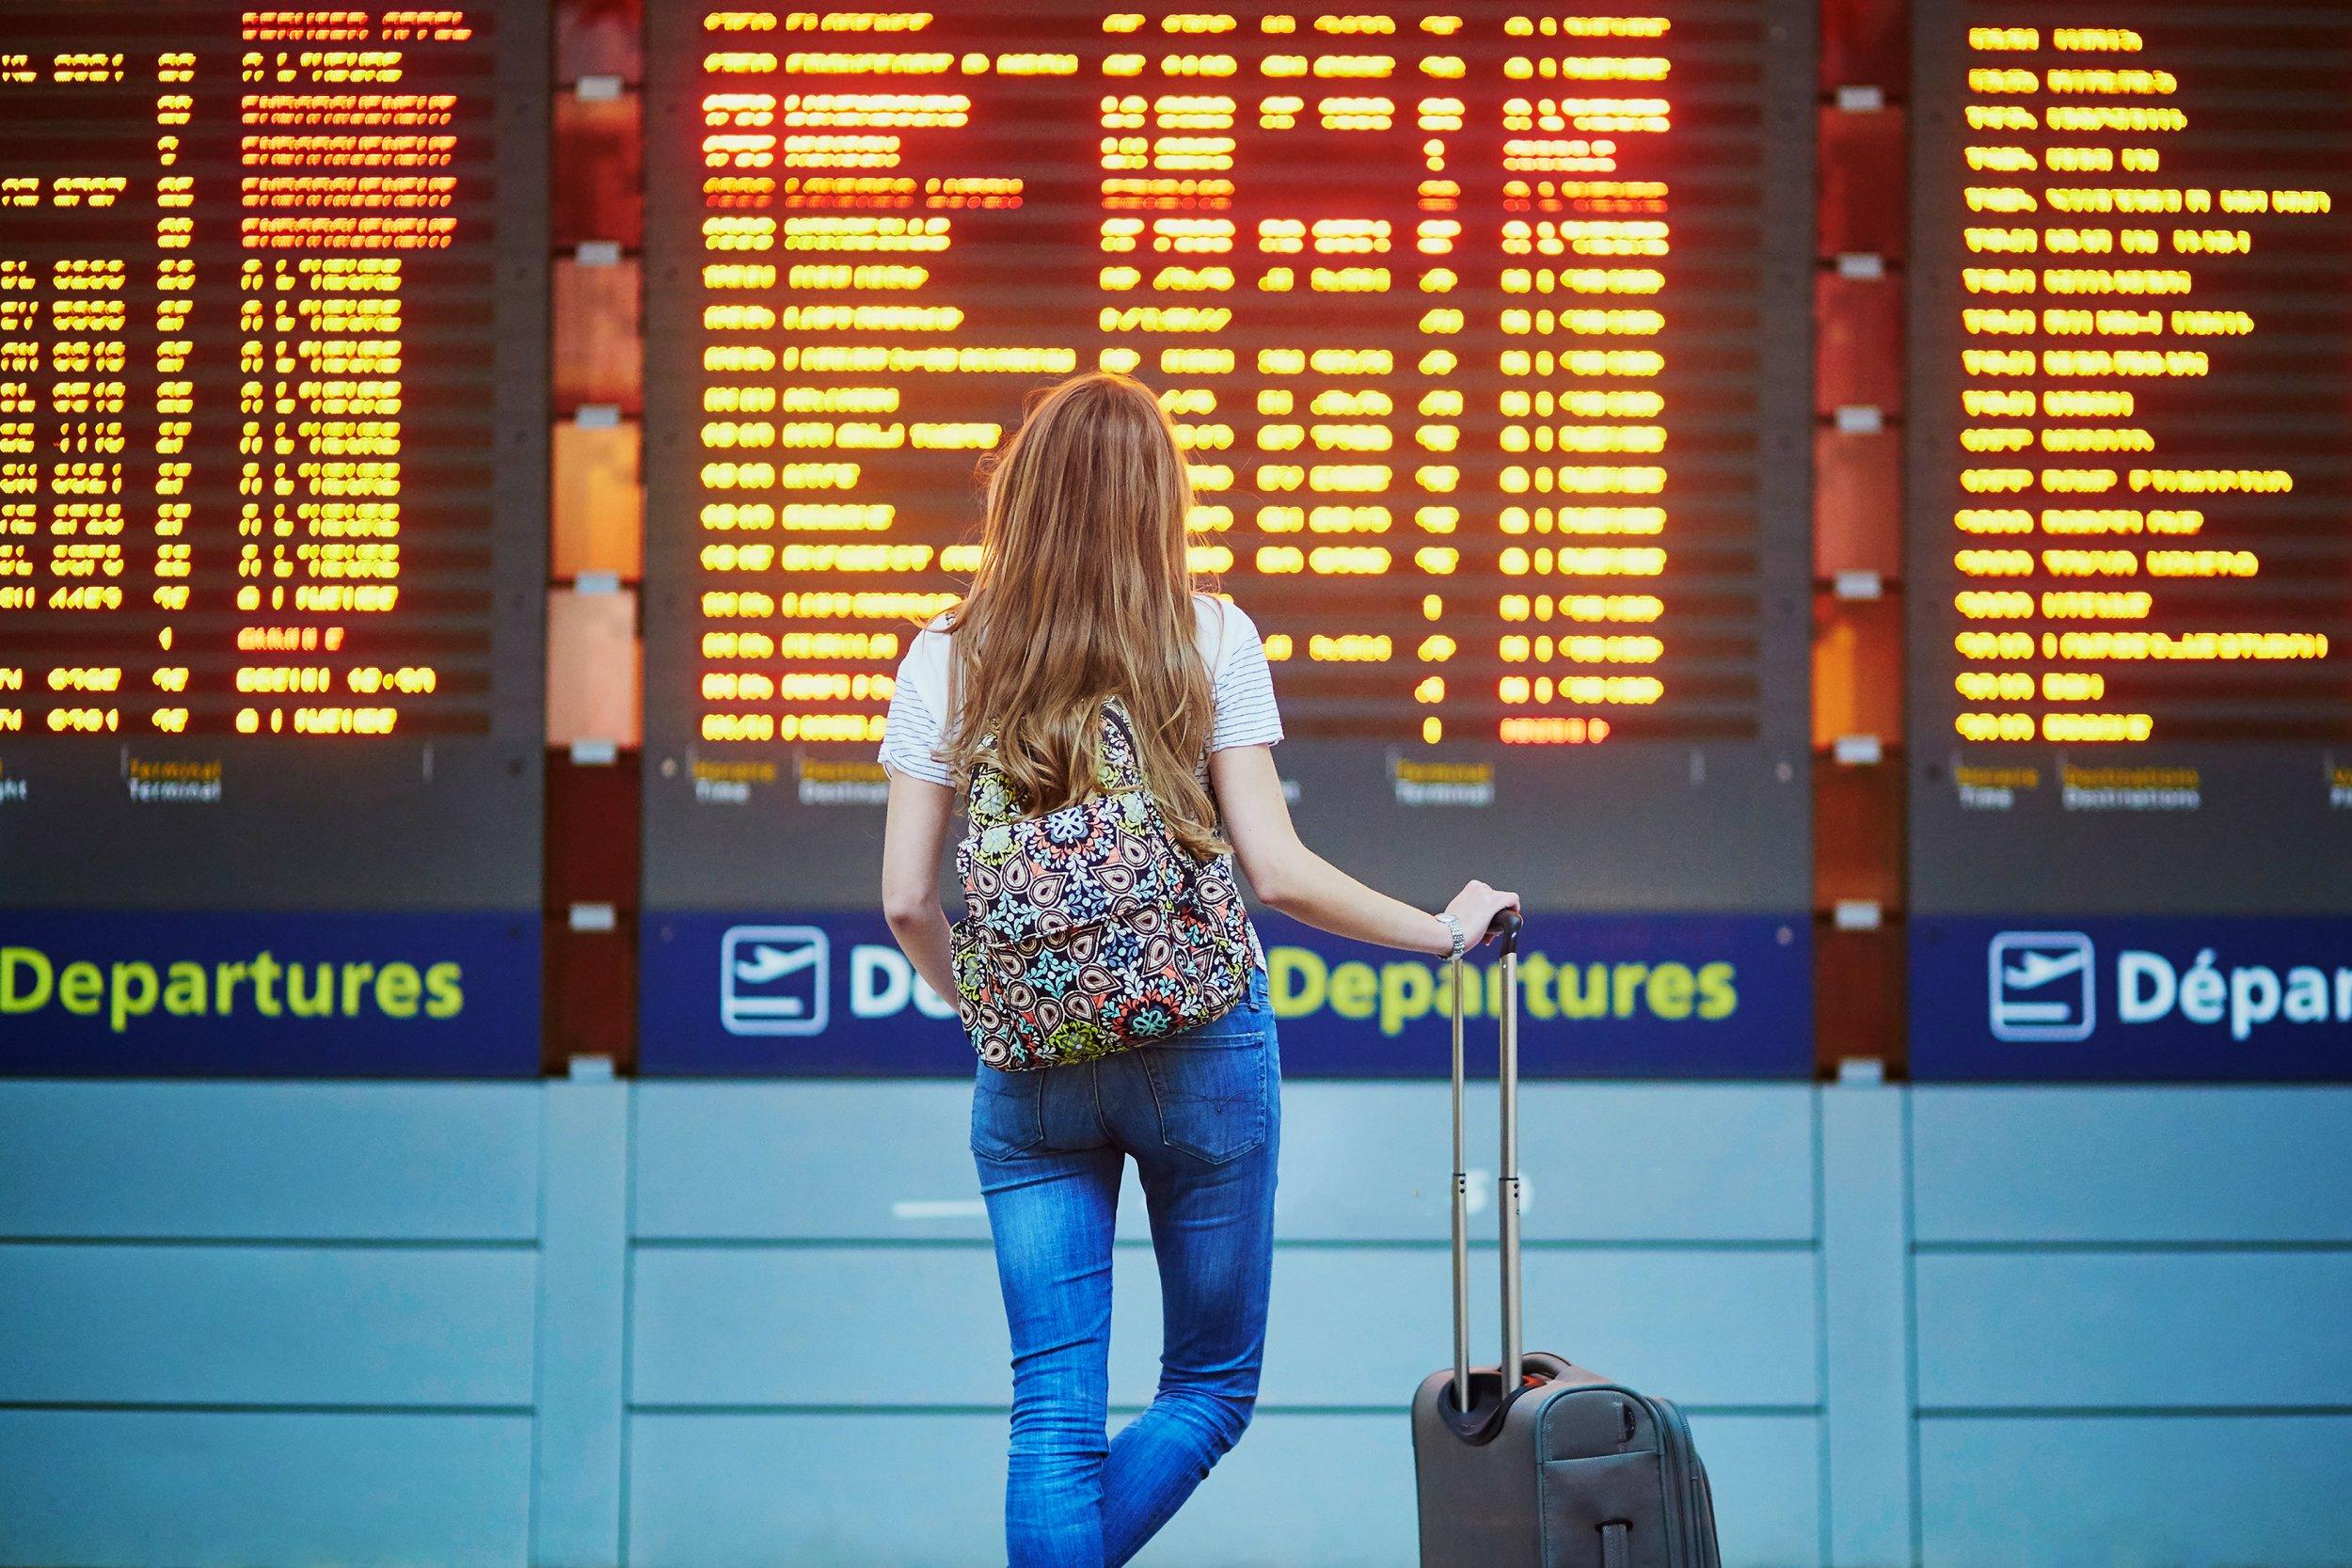 جریمه تاخیر پرواز خود را با بیتکوین دریافت کنید!